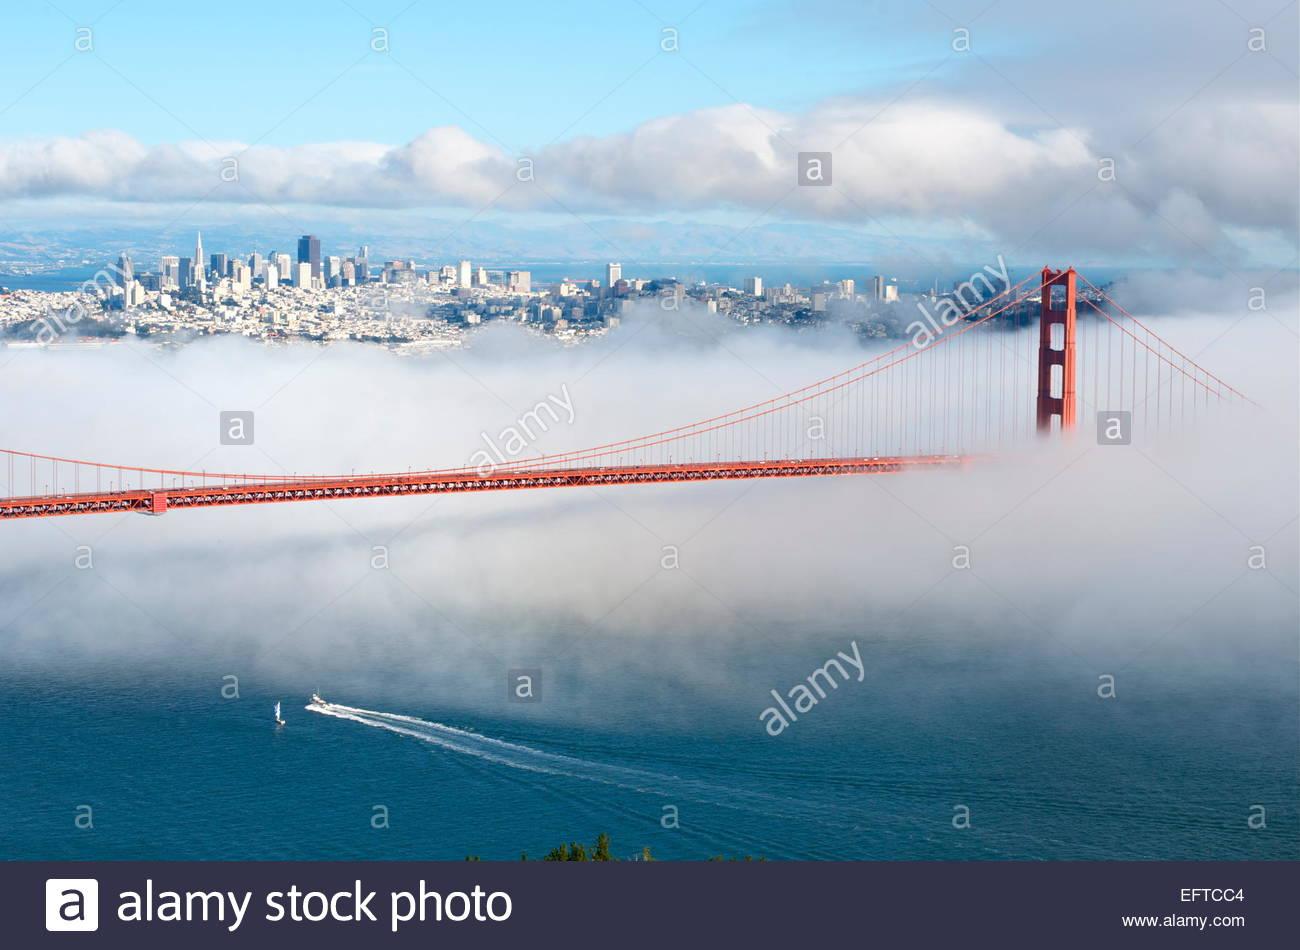 Golden Gate Bridge dans un brouillard épais et waterfront cityscape in background Photo Stock